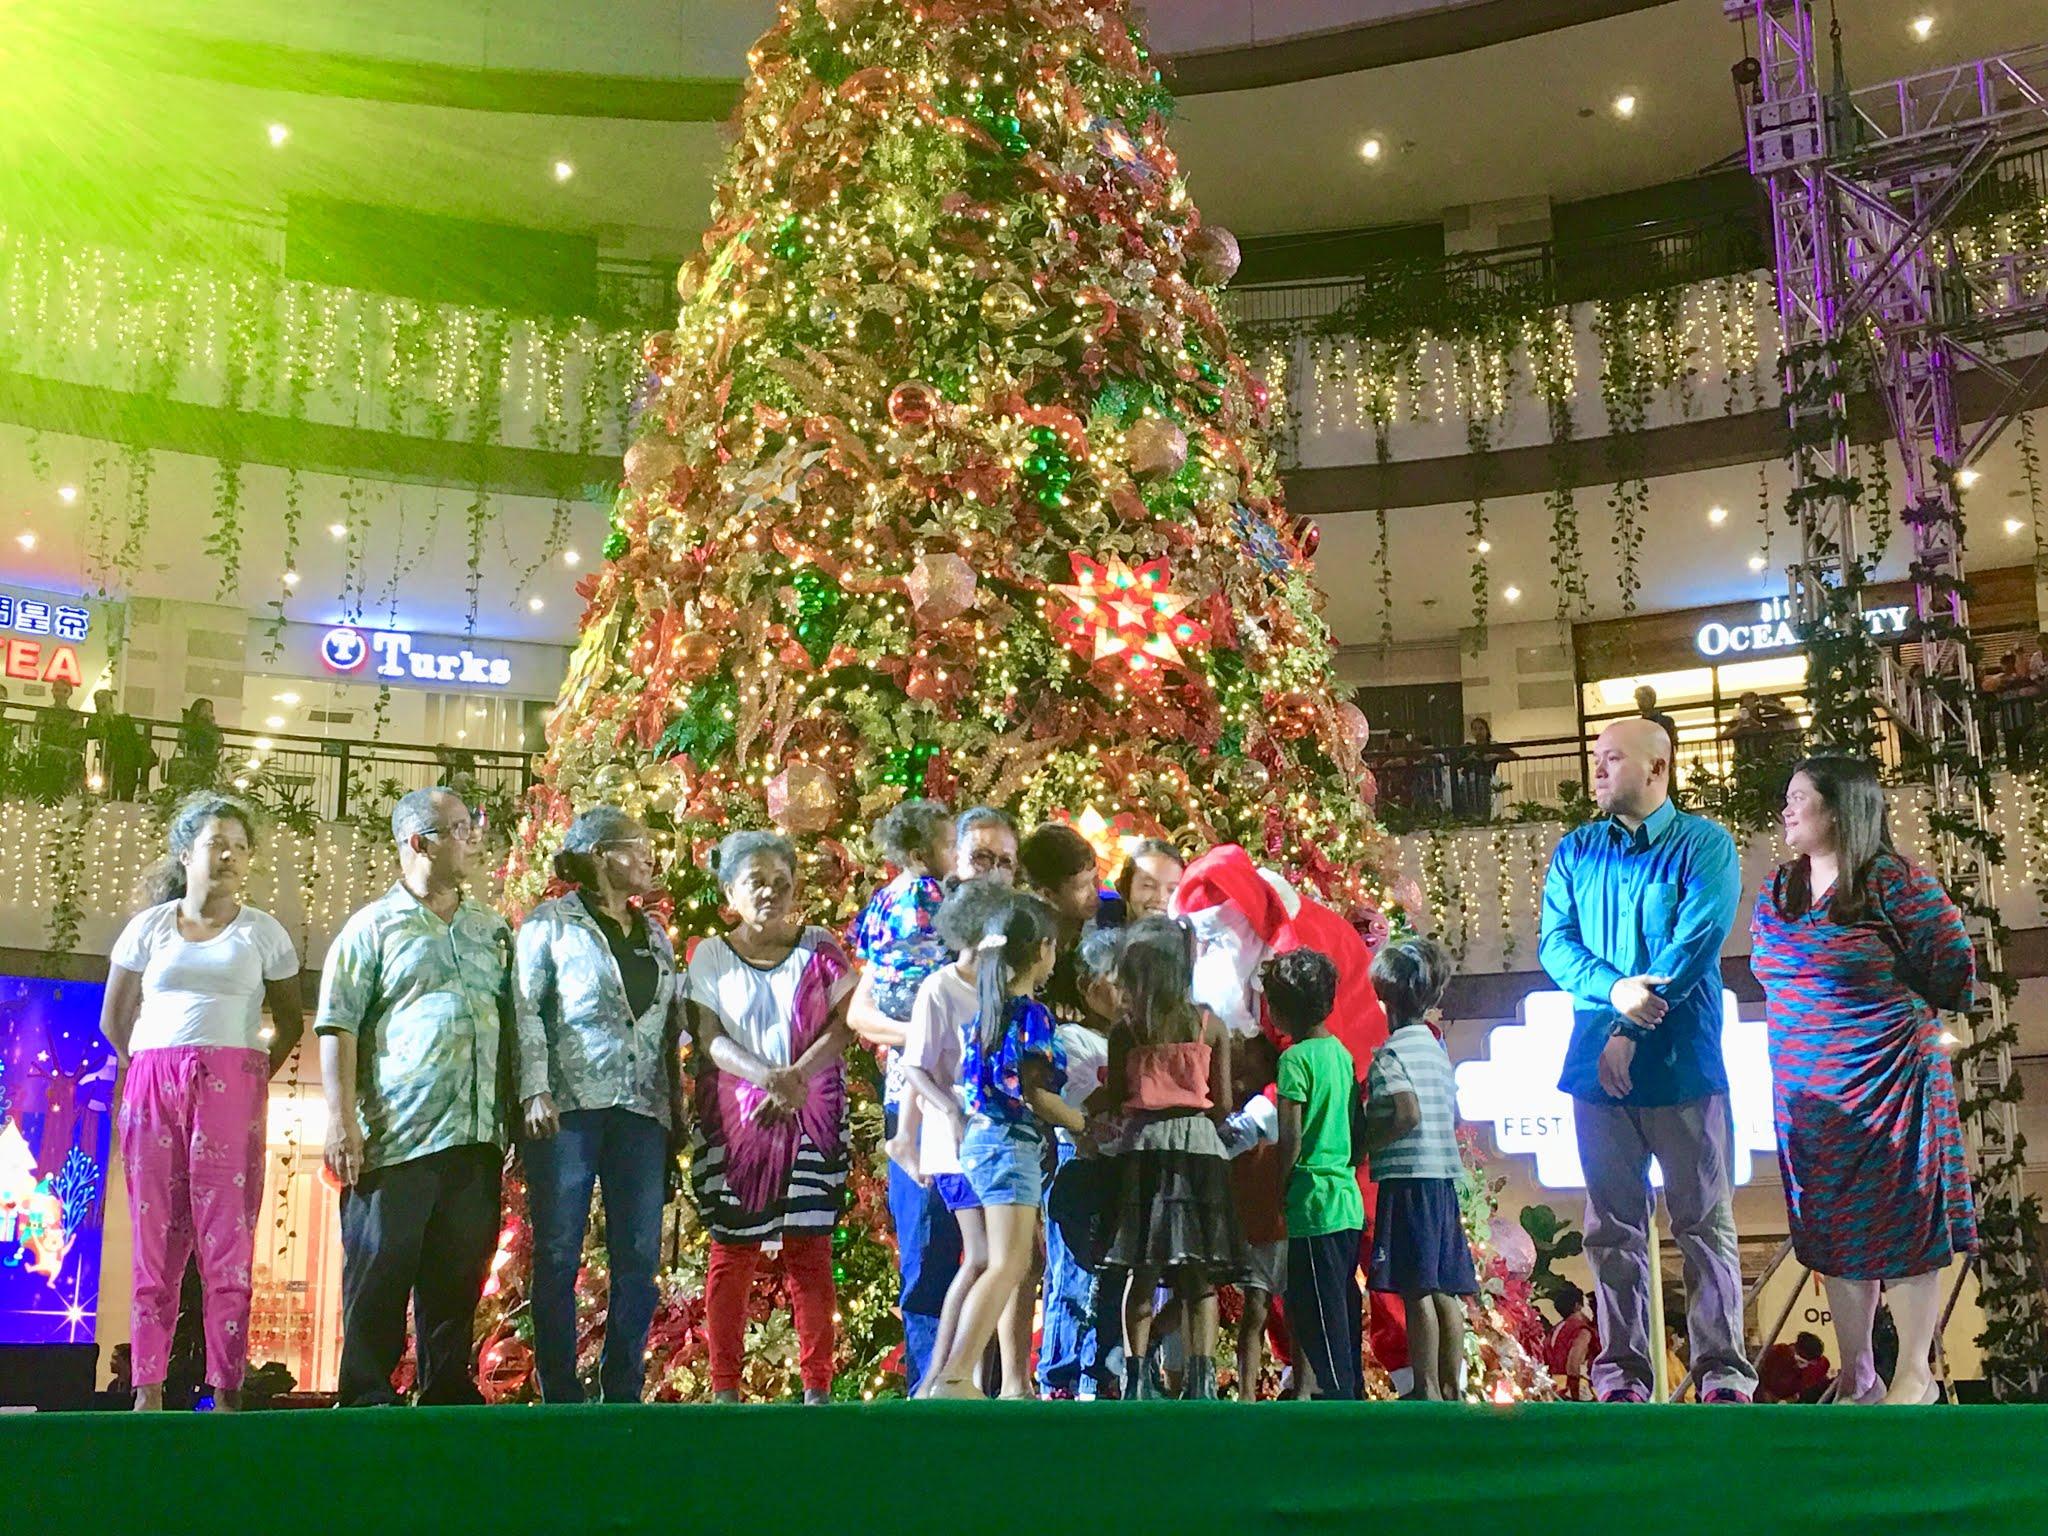 Festive Walk Mall Iloilo Megaworld